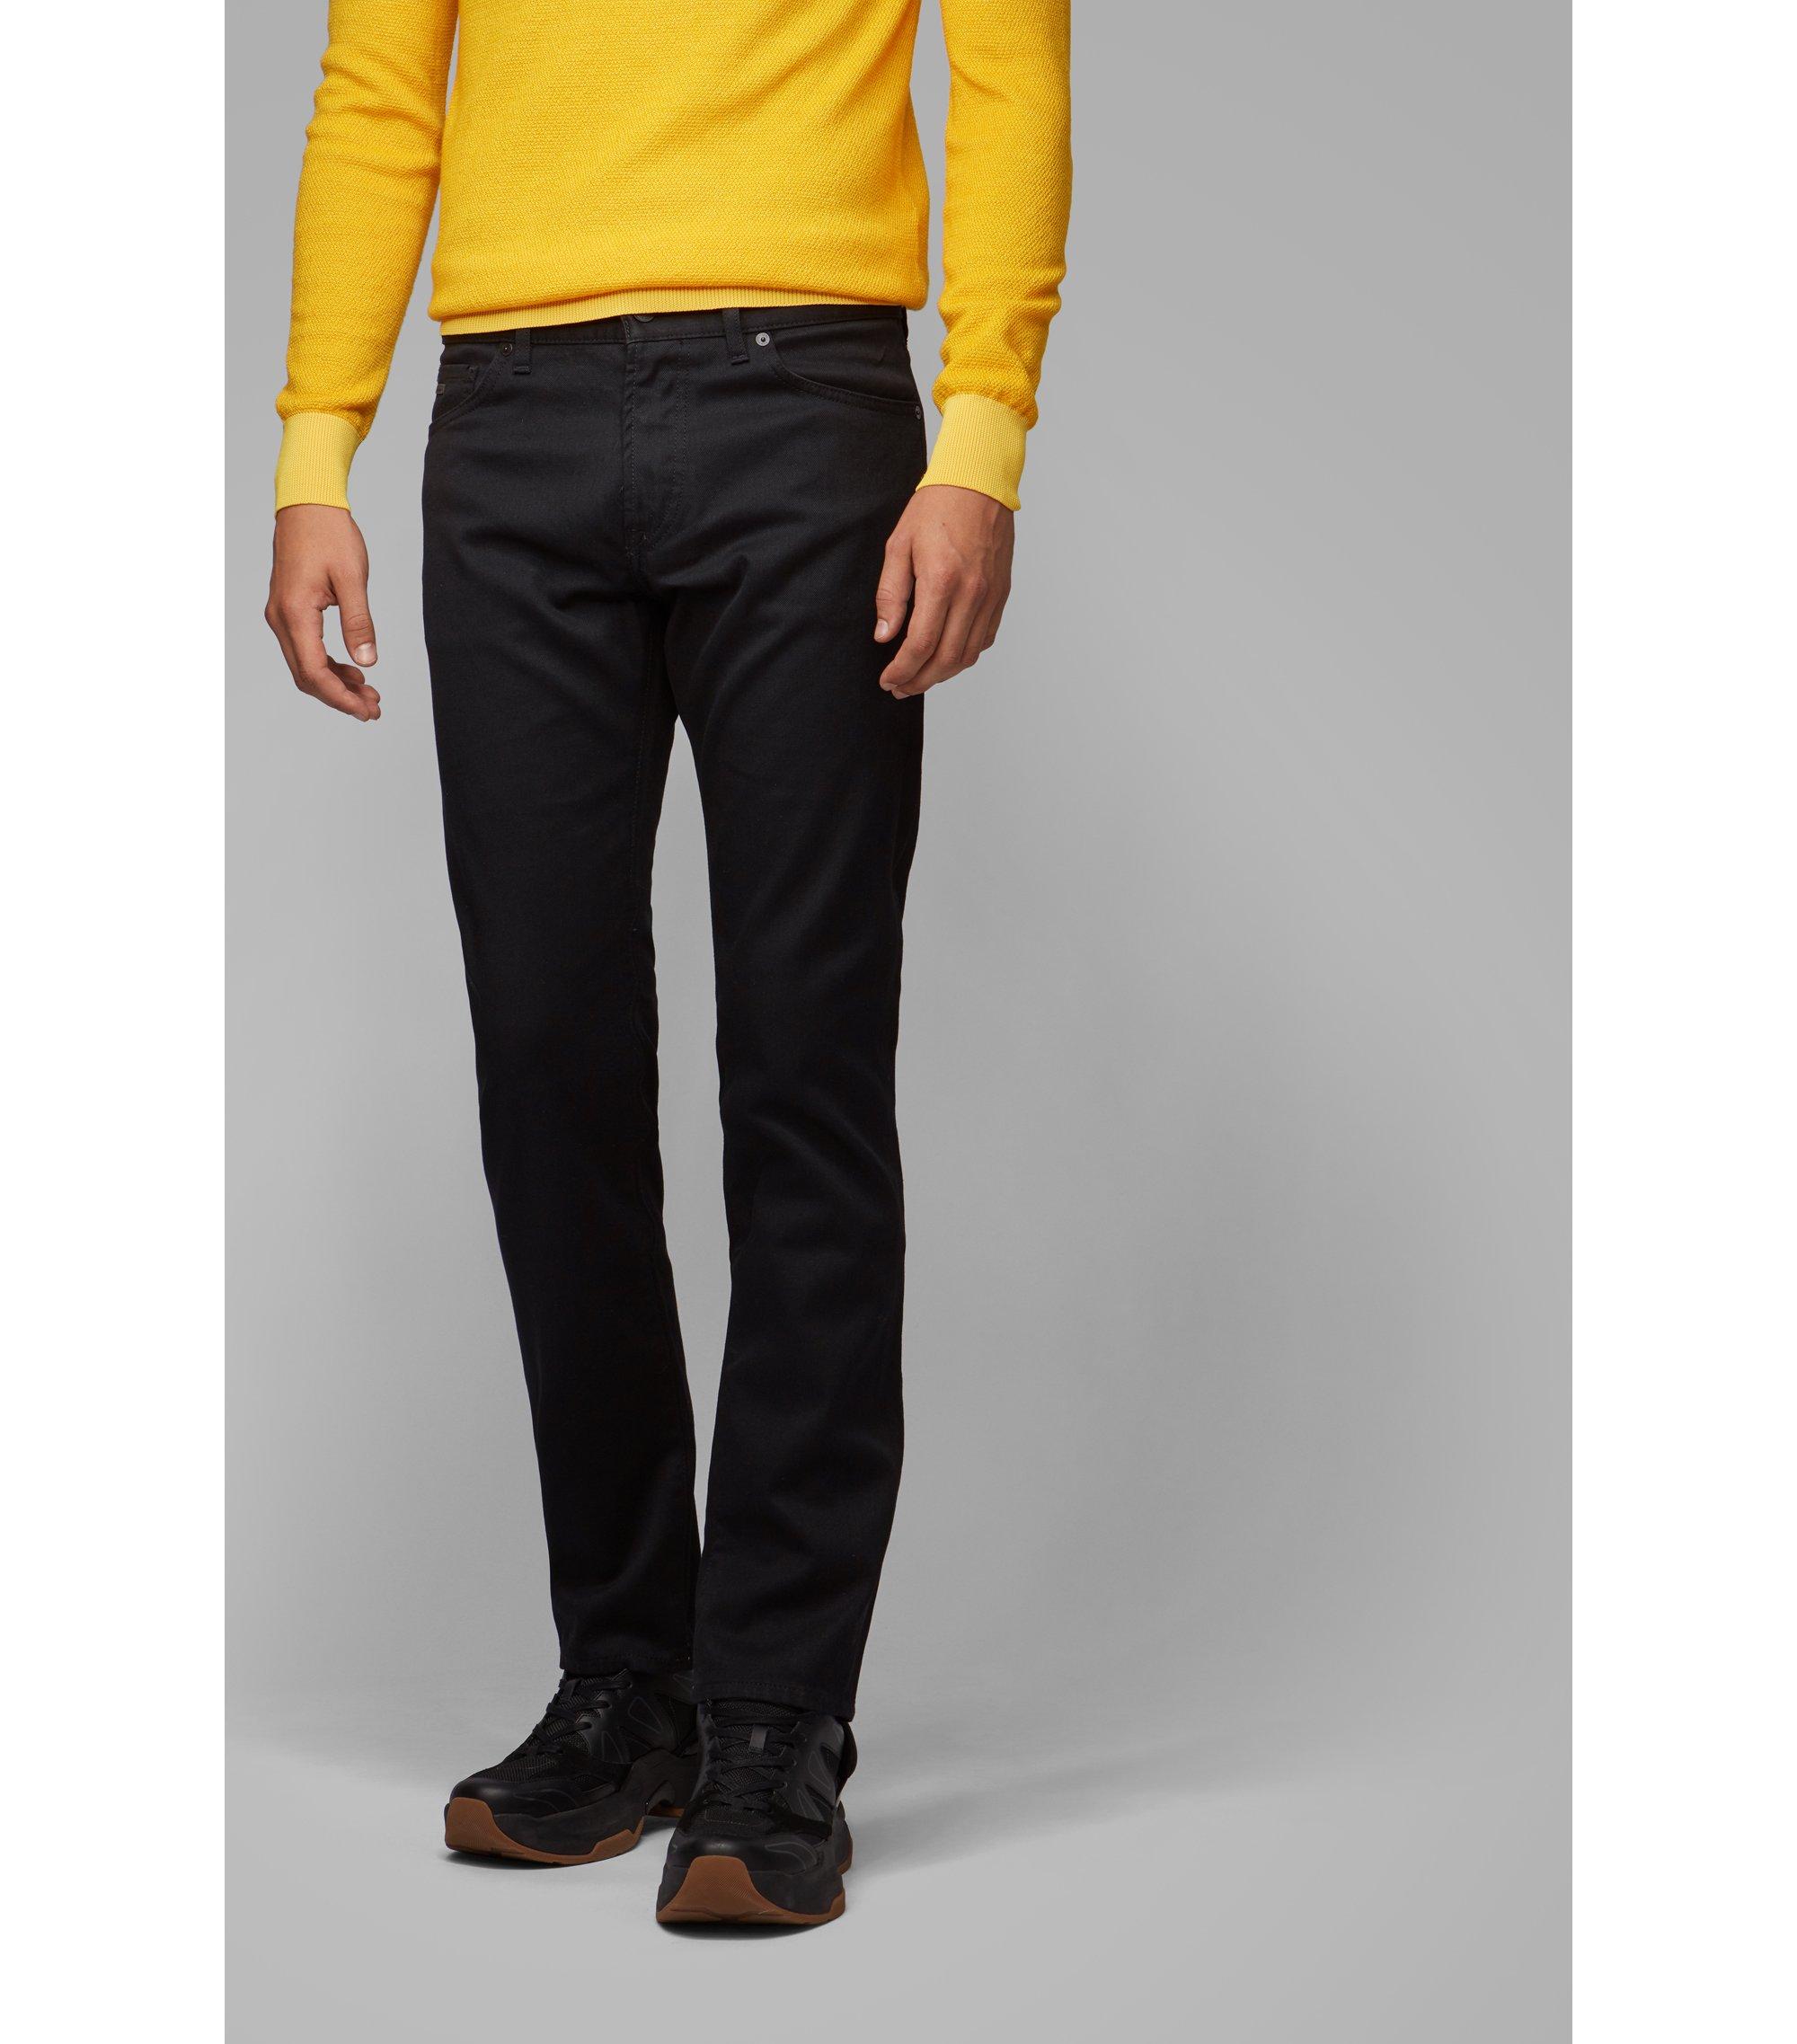 Boss-Hugo Boss Black Label Men/'s Gray Kaigo Stretch Cargo Pants $195